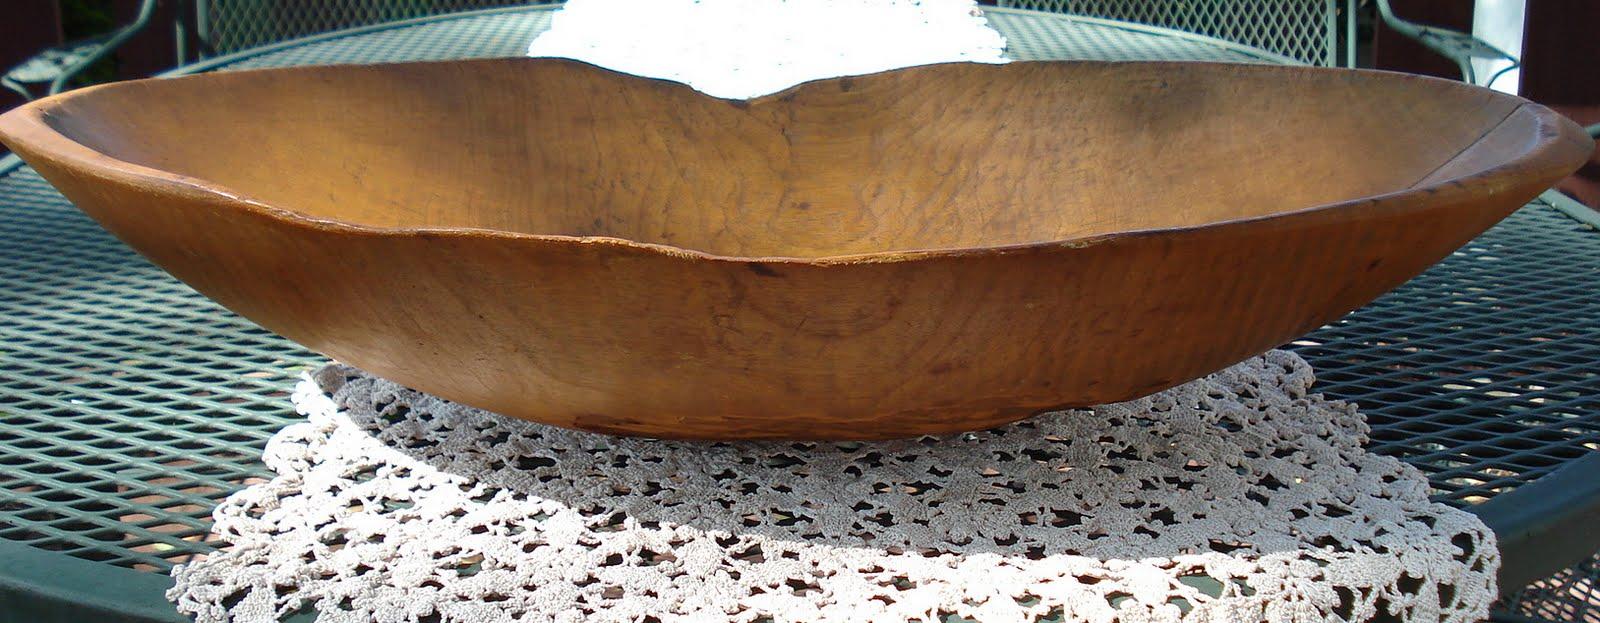 Antique Wooden Bread Bowl   Best 2000+ Antique decor ideas